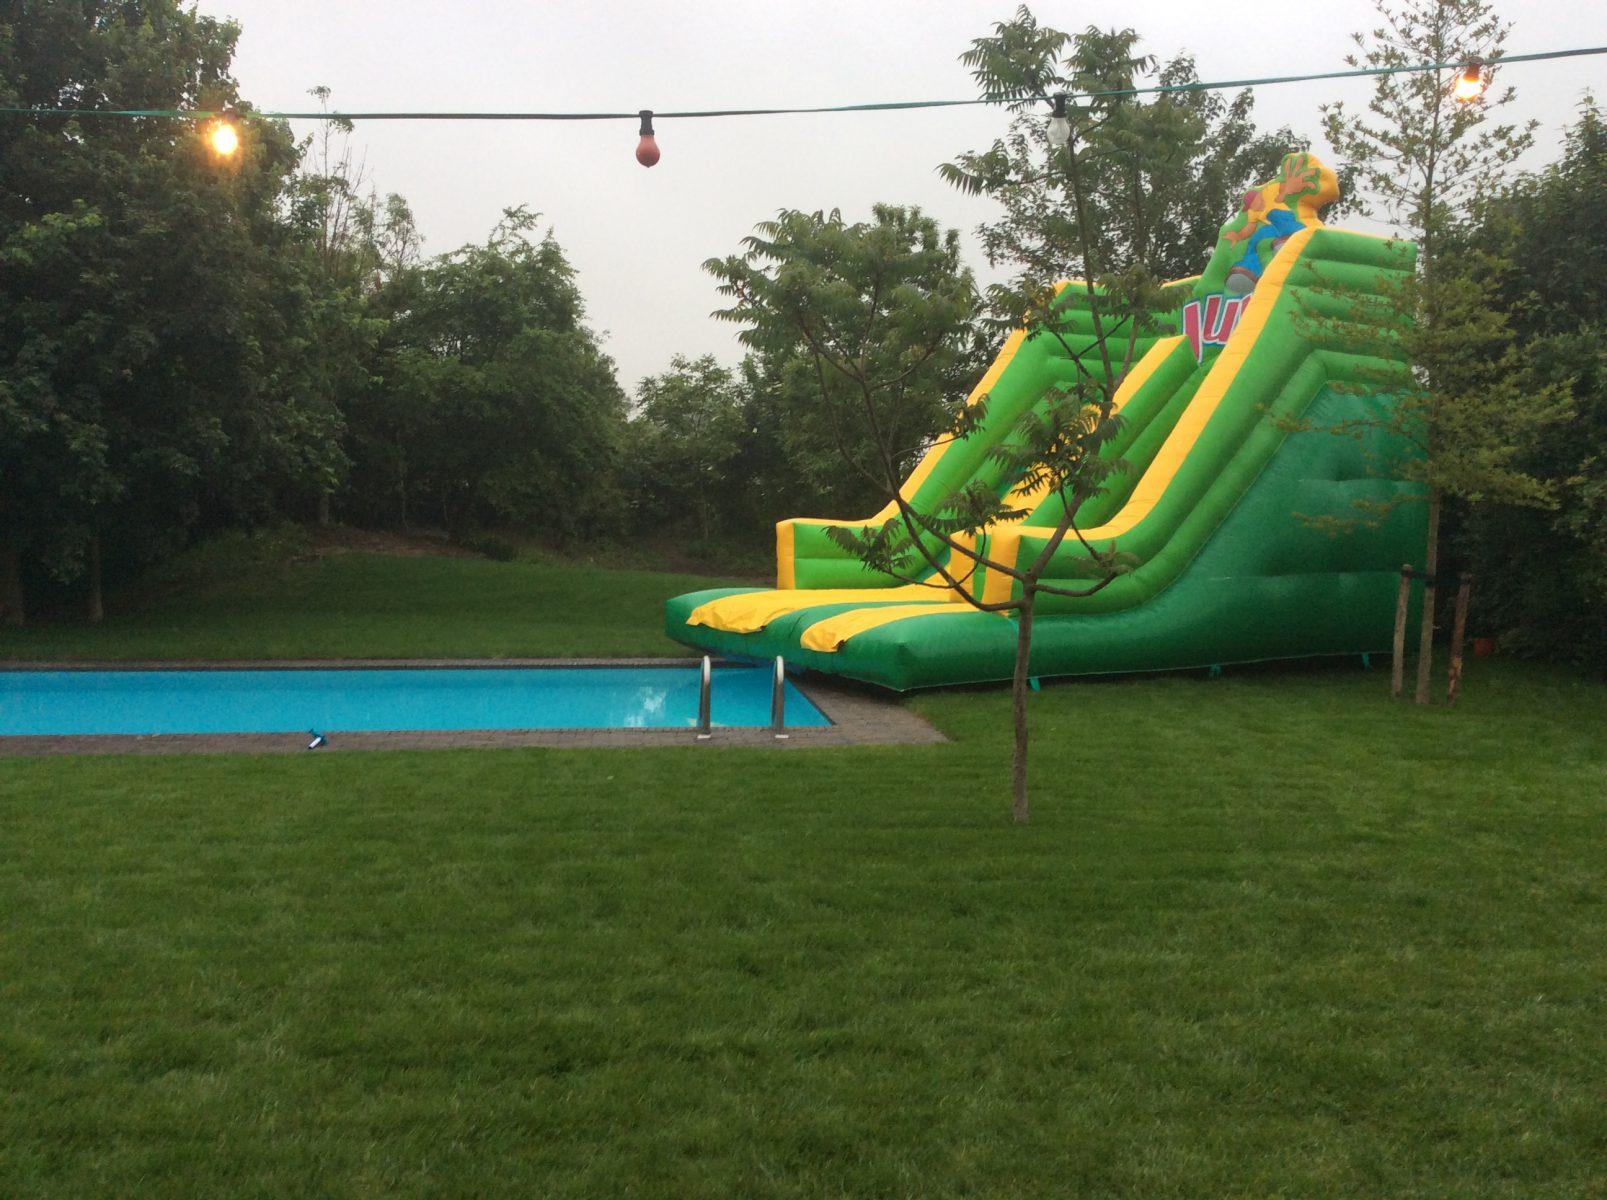 Springkasteel Grote Glijbaan aan zwembad